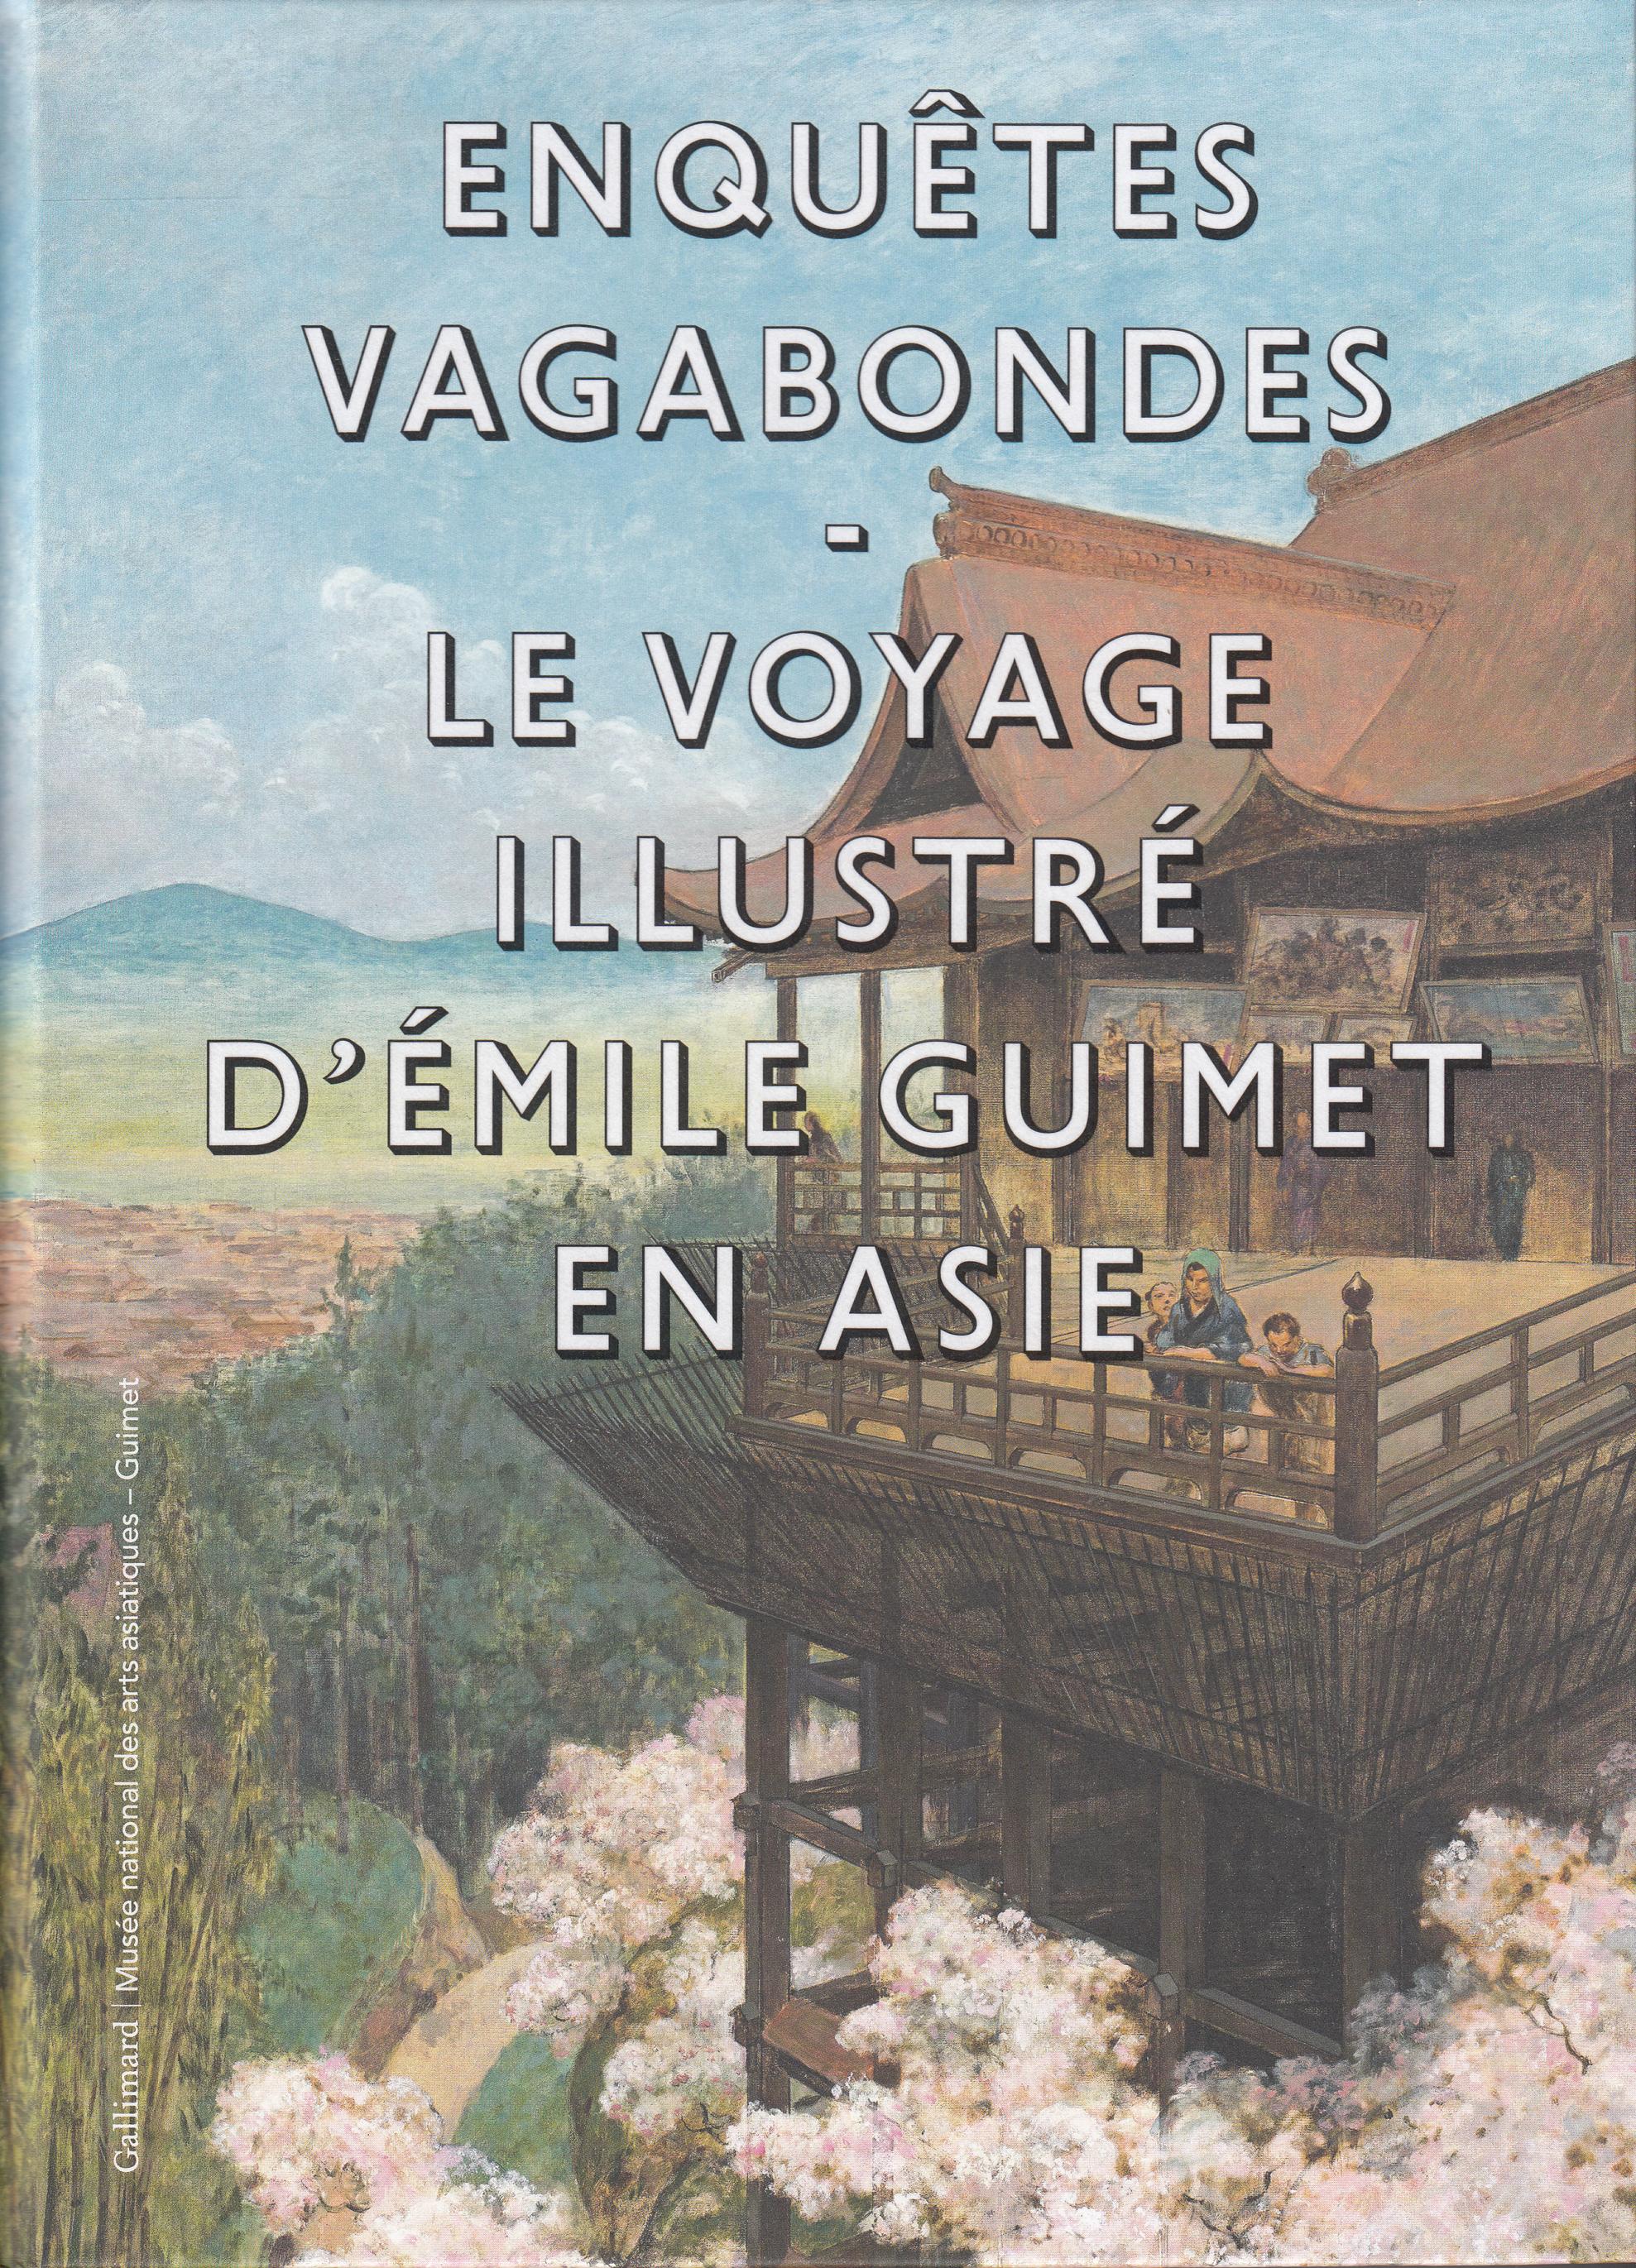 ENQUETES VAGABONDES